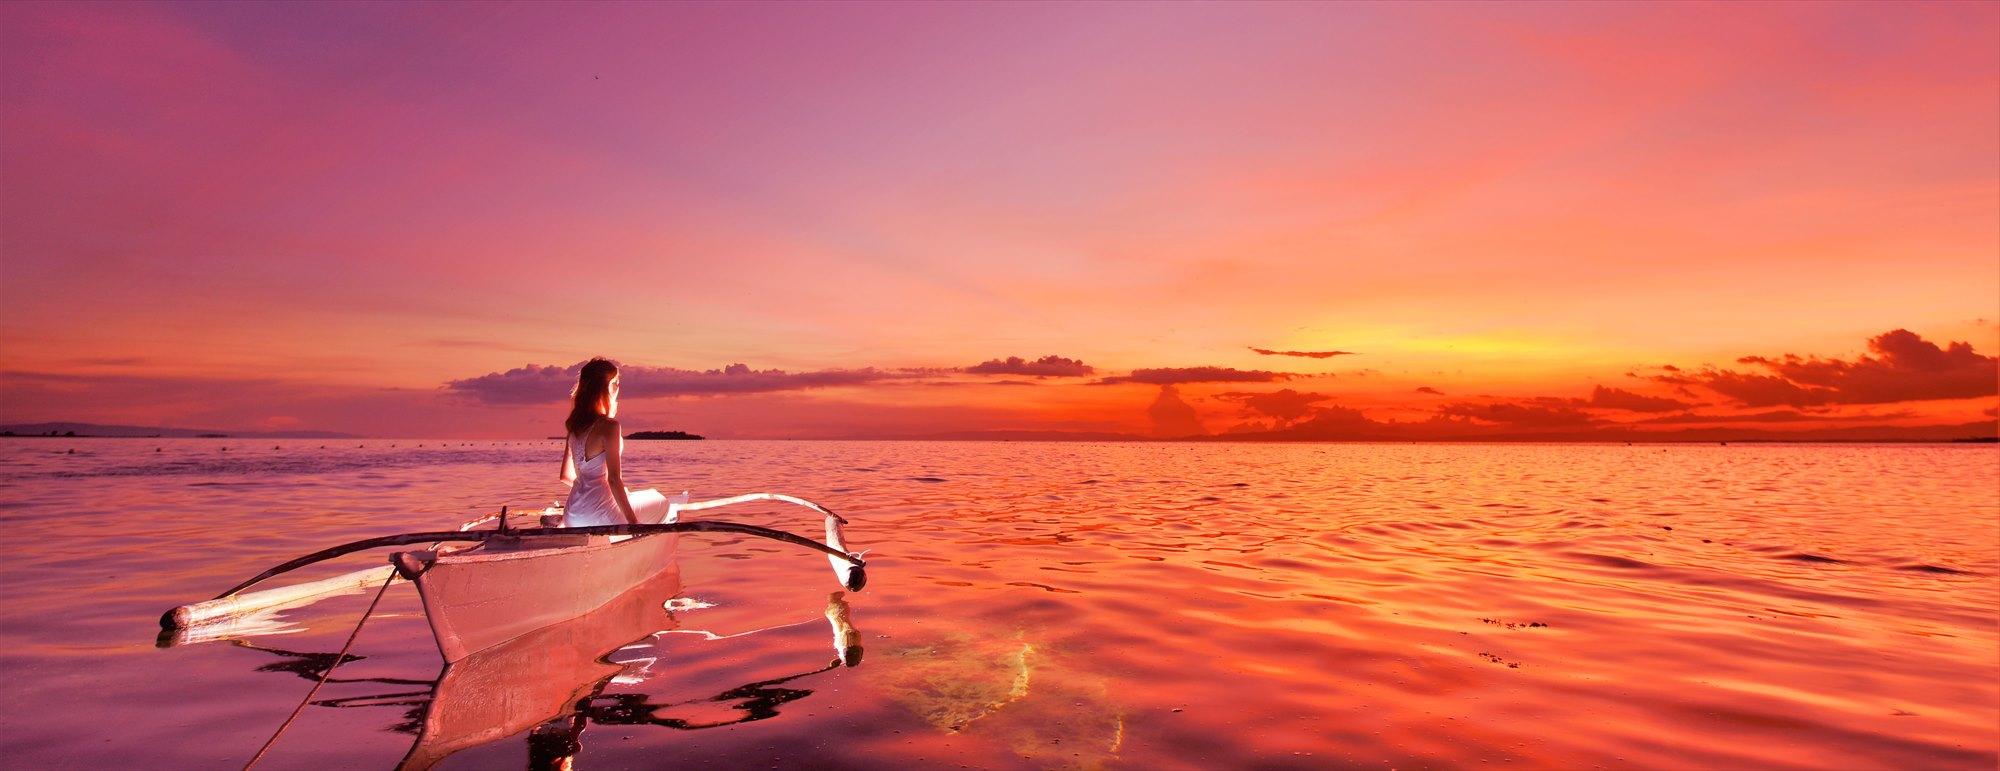 セブ島サンセット・フォトウェディングCebu Olango Island Sunset Photo Wedding~セブ・オランゴ島・ボート・ライド